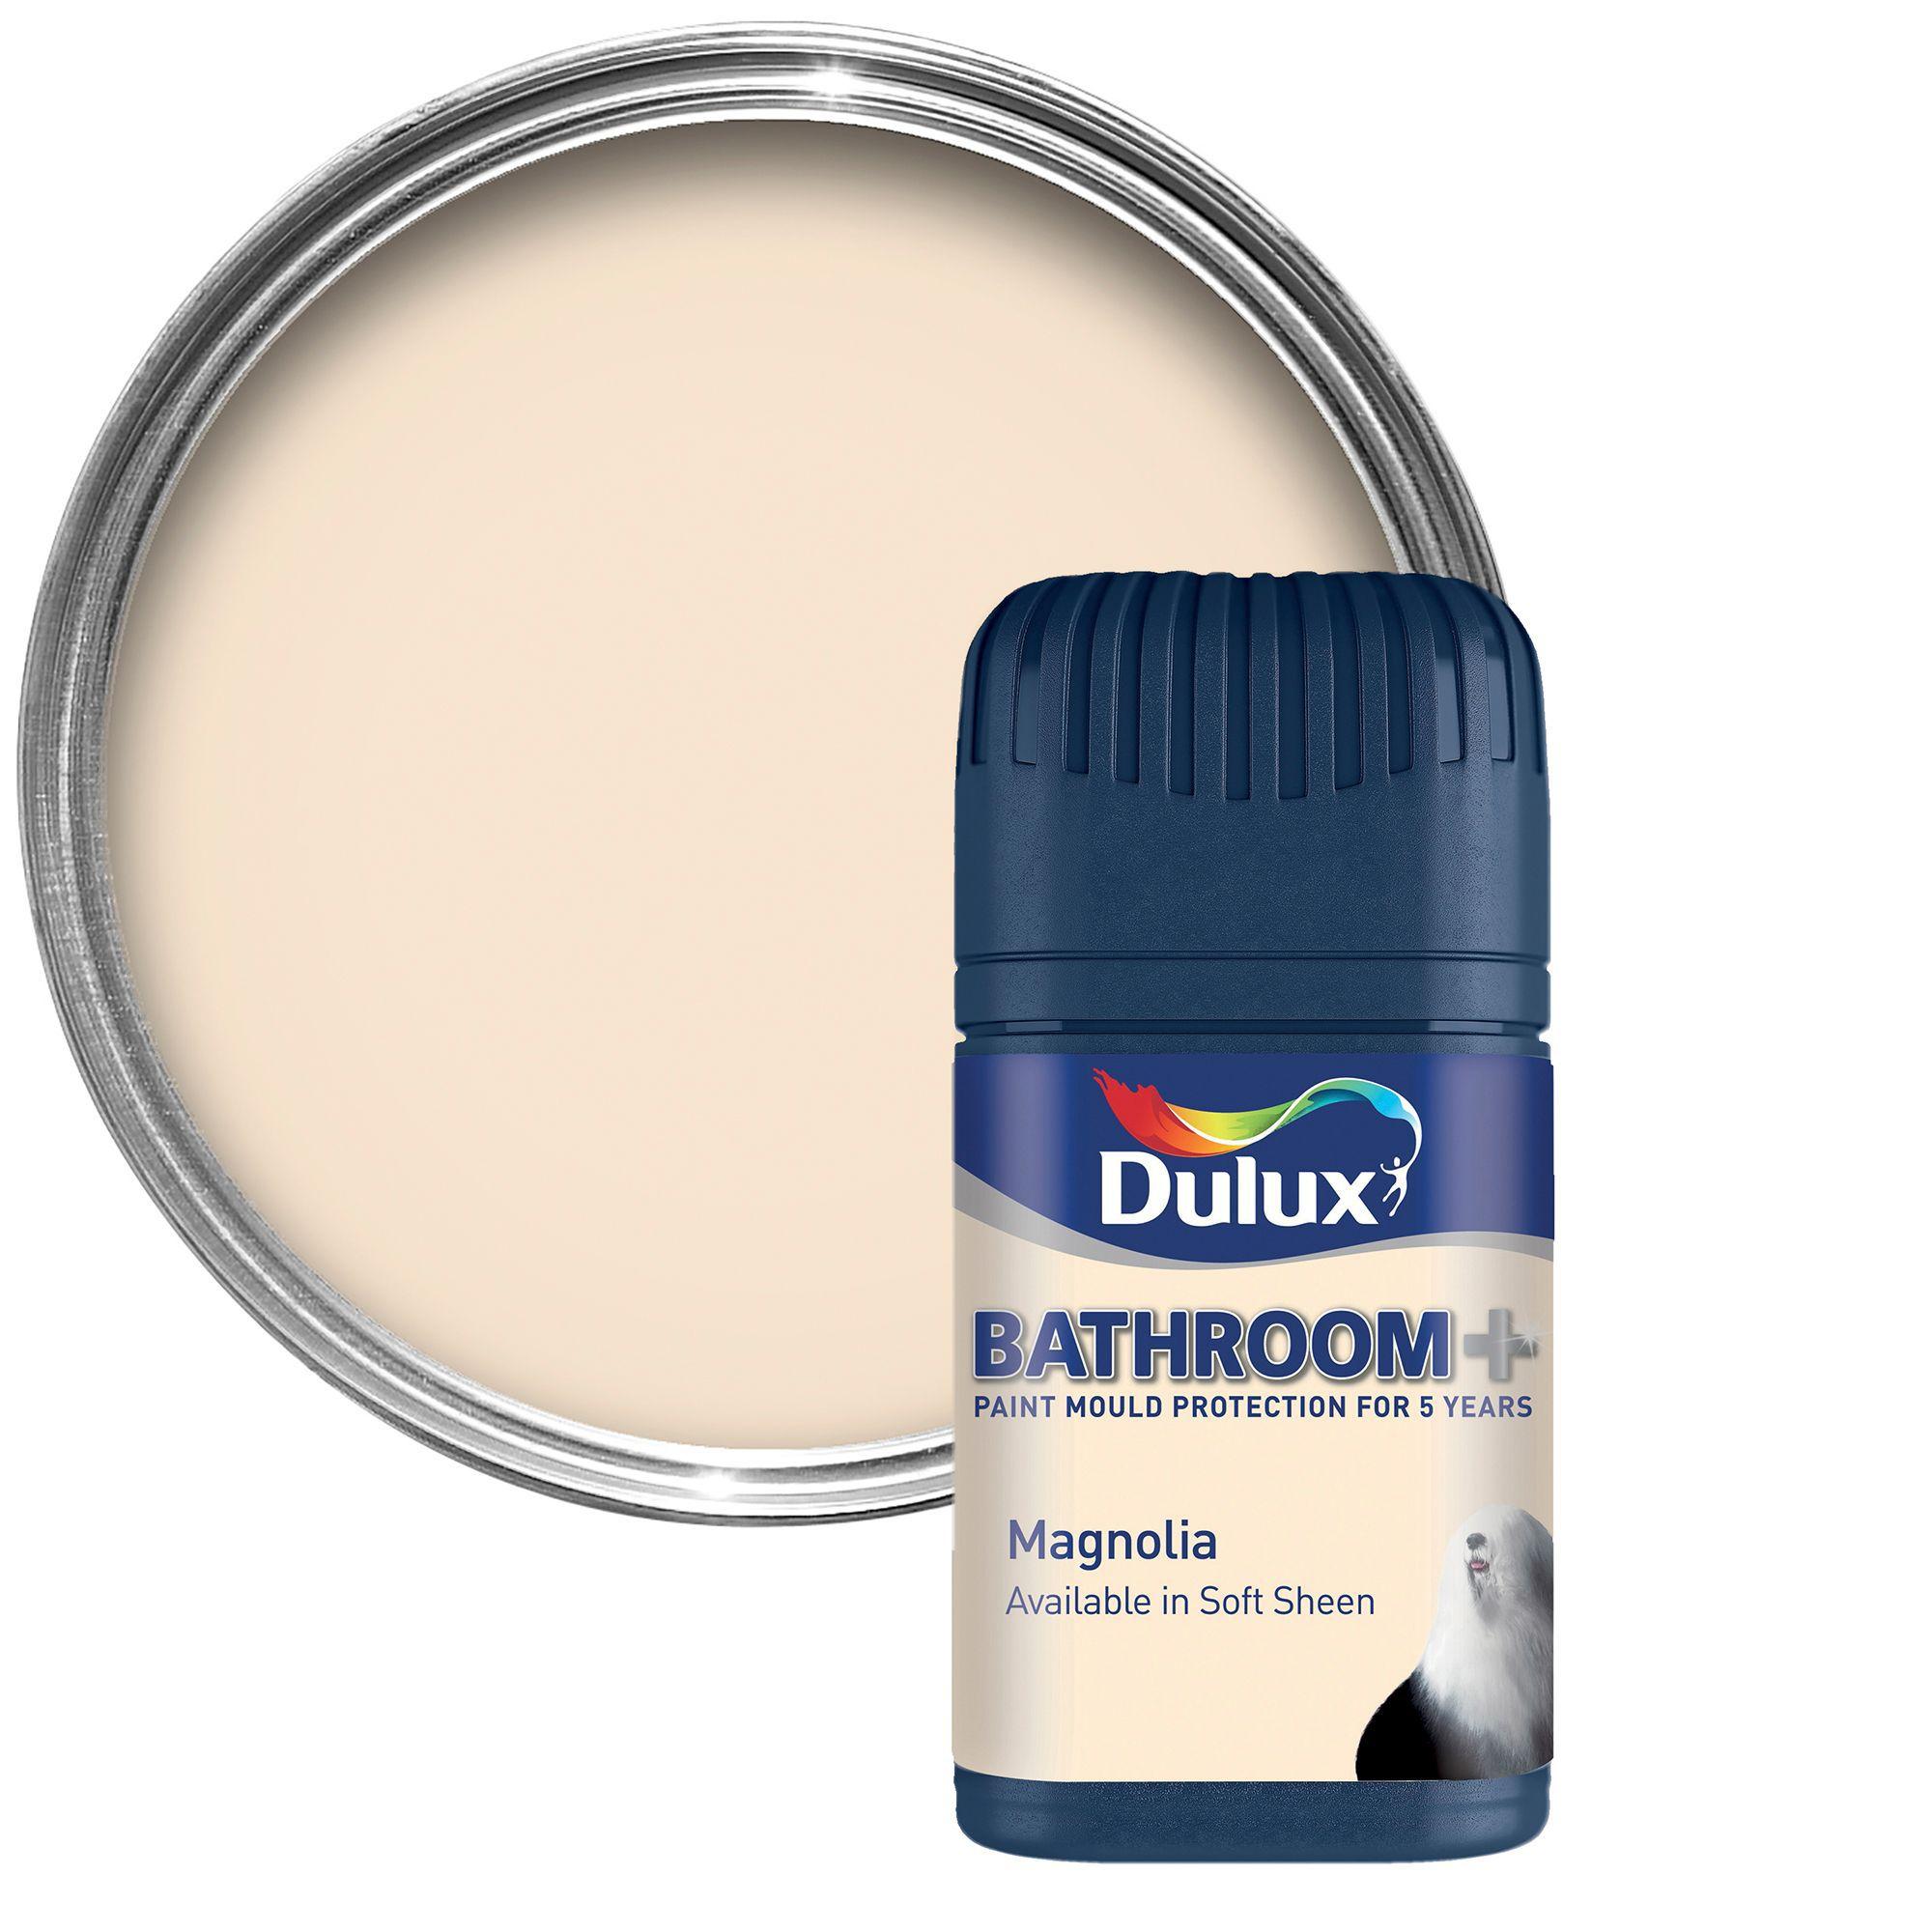 Dulux Bathroom Paints: Dulux Bathroom+ Magnolia Soft Sheen Emulsion Paint 0.05L